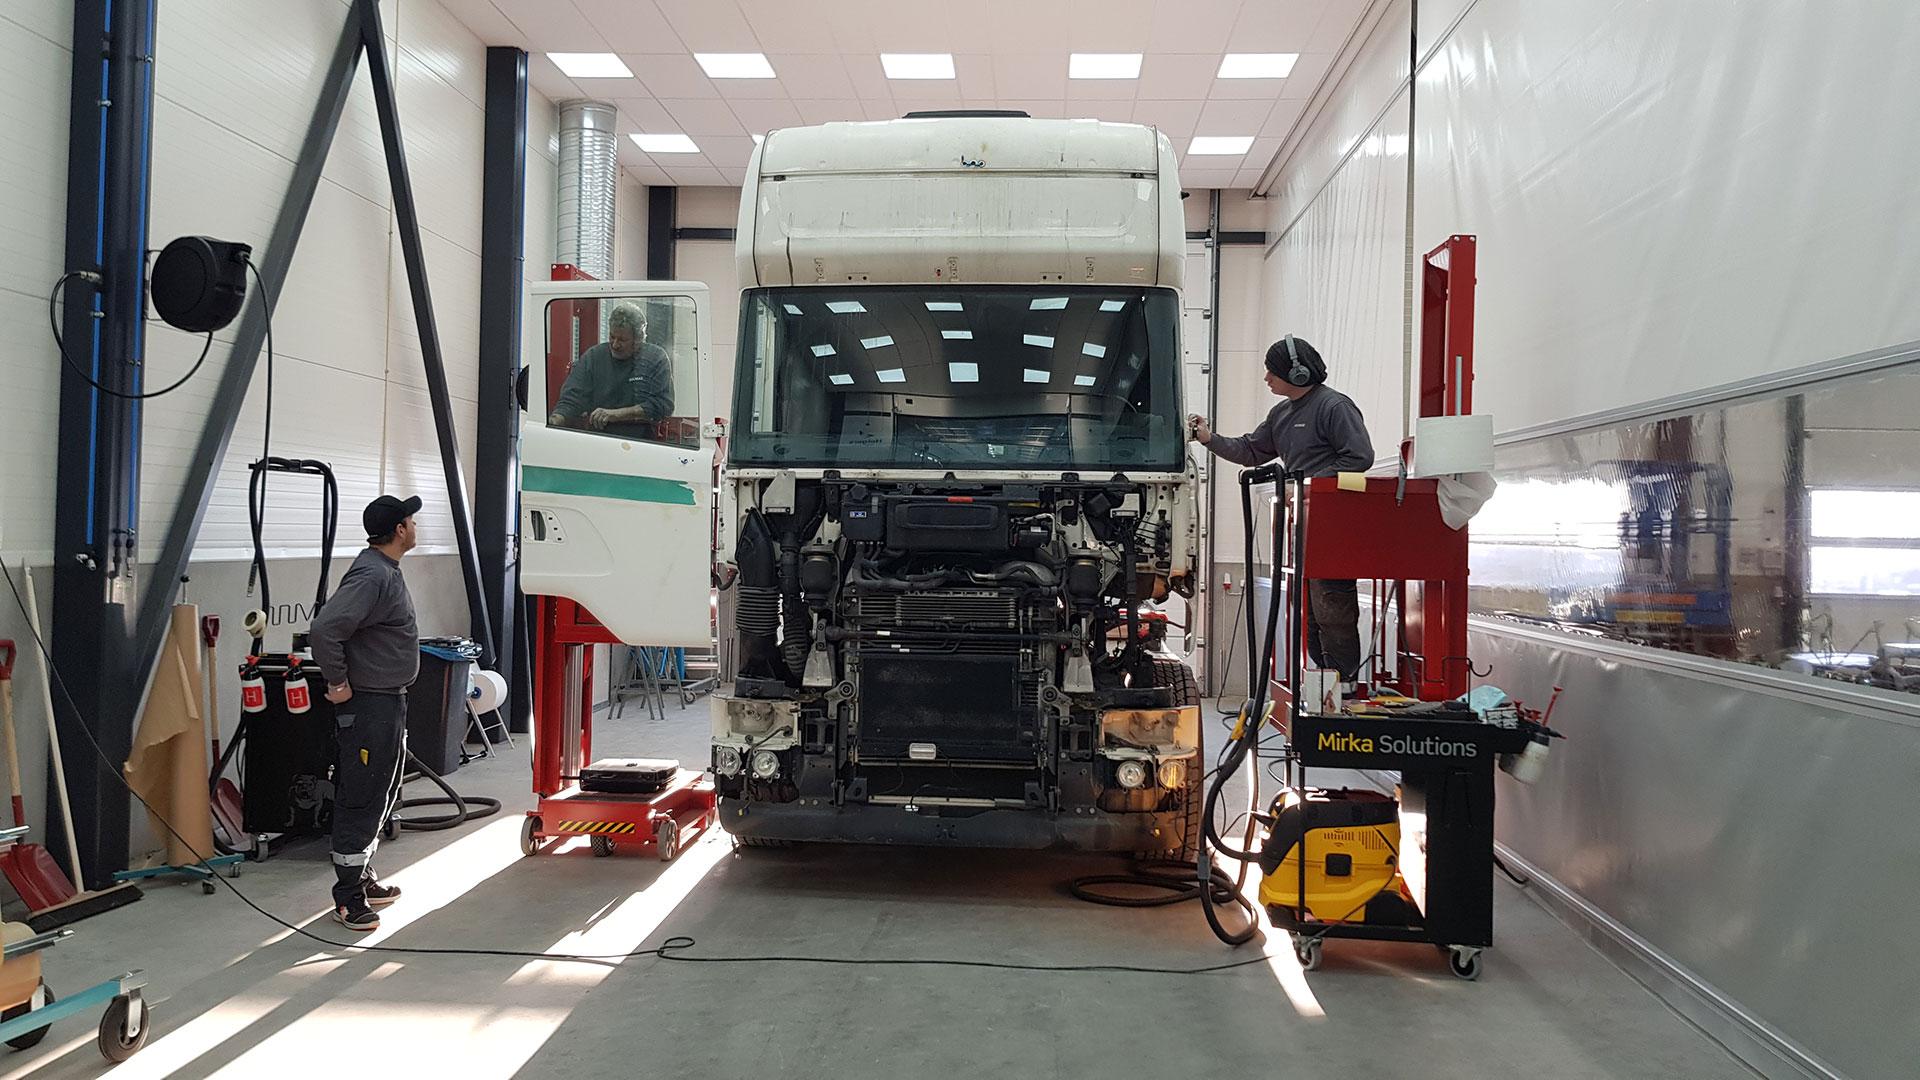 Spotlakkering og reparasjon av lastebil på volmax skadesenter